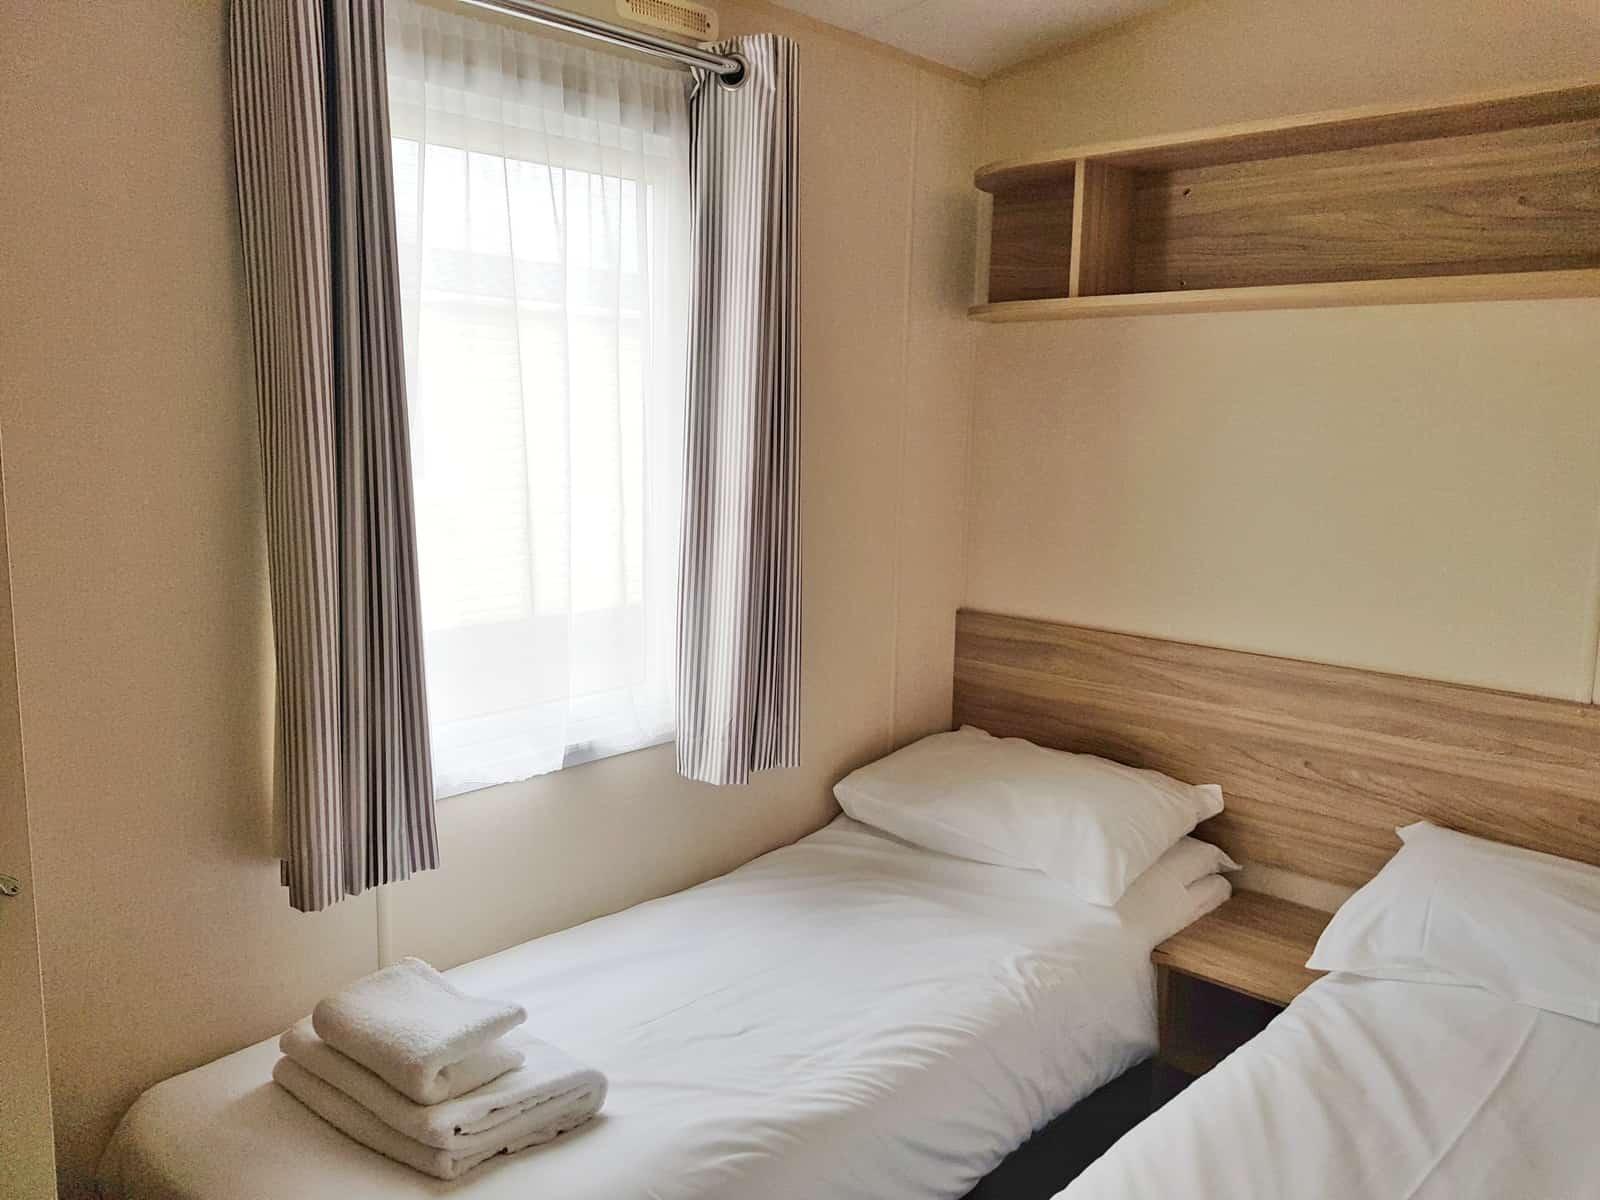 Hoburne Blue Anchor bedroom